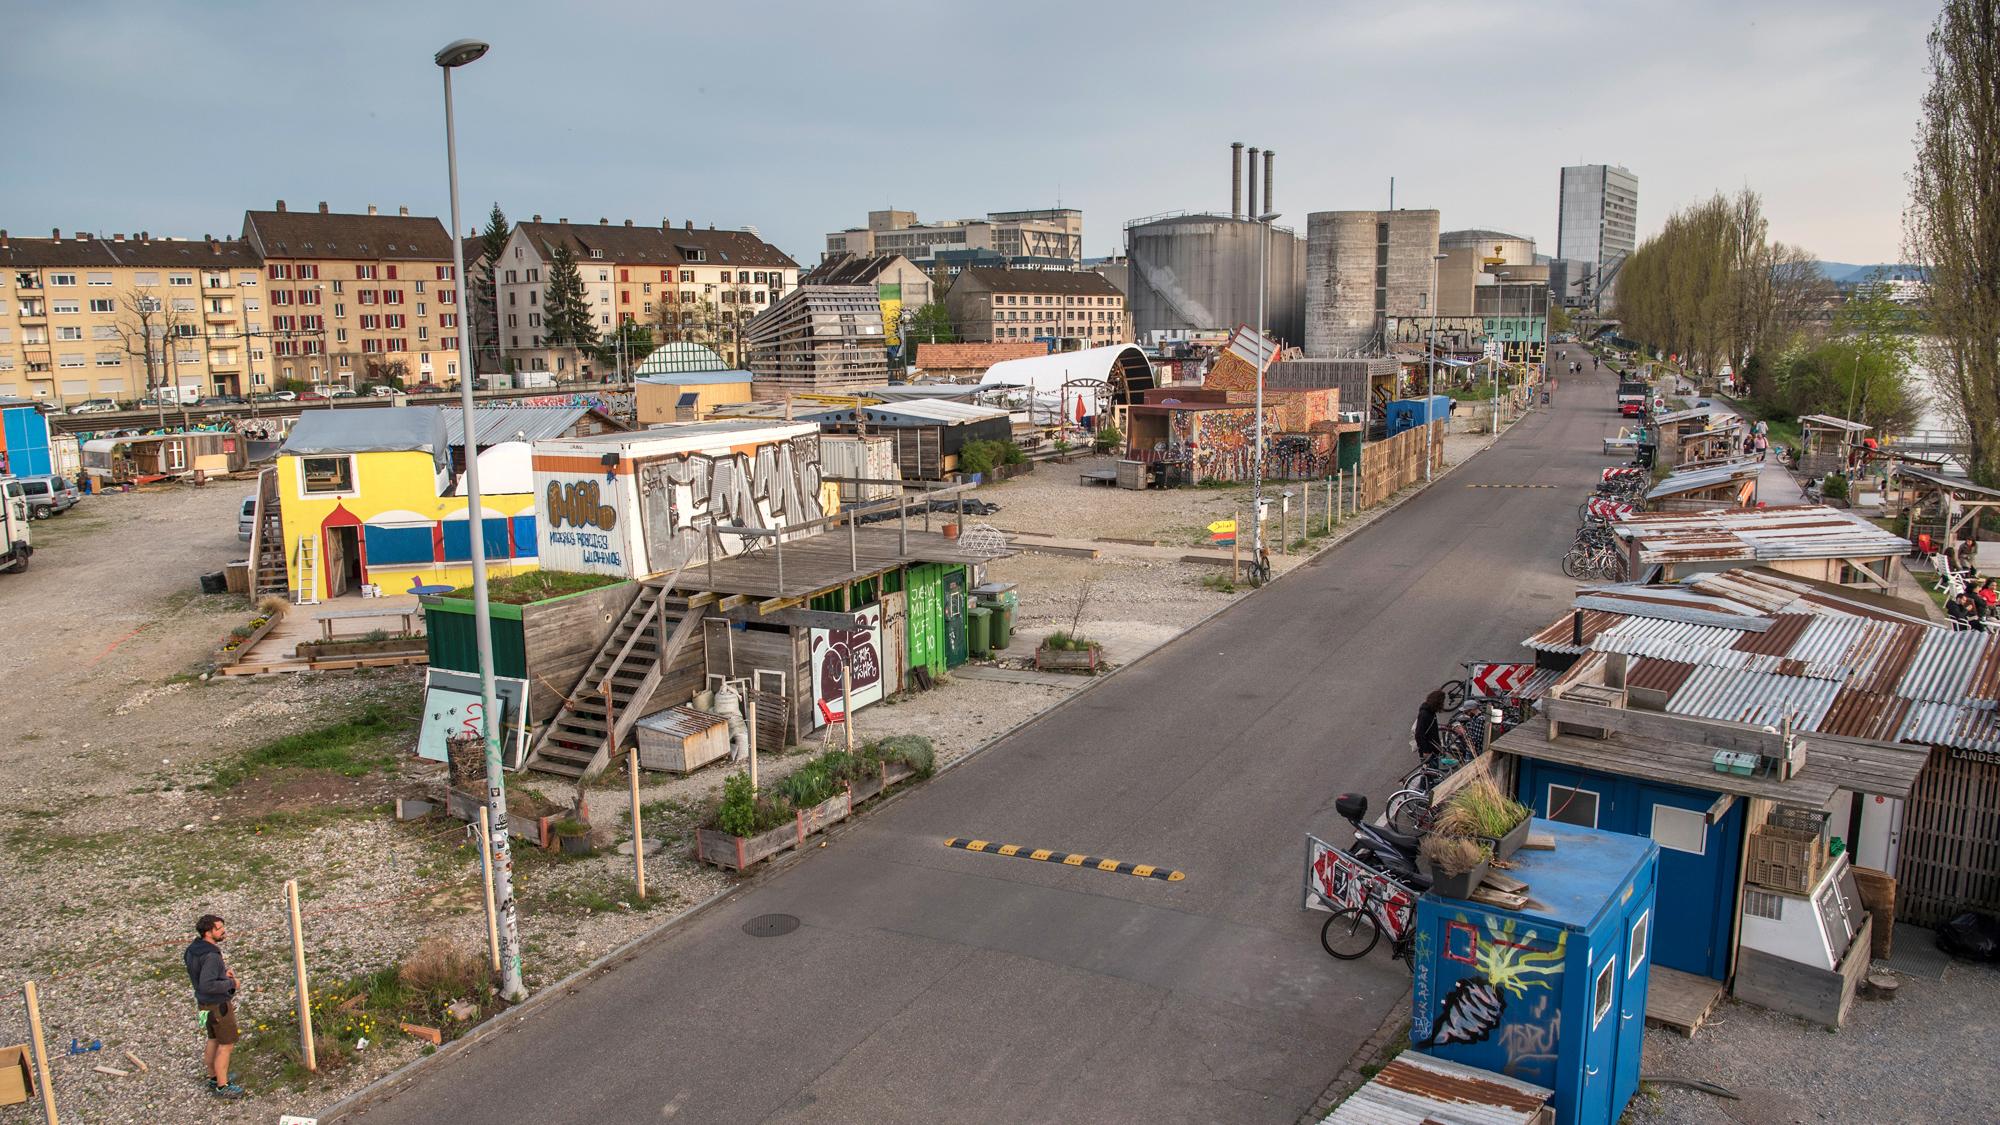 Bis wann können die Zwischennutzungen am Hafen bleiben? Der Kanton stellt eine Verlängerung bis Ende 2023 in Aussicht.